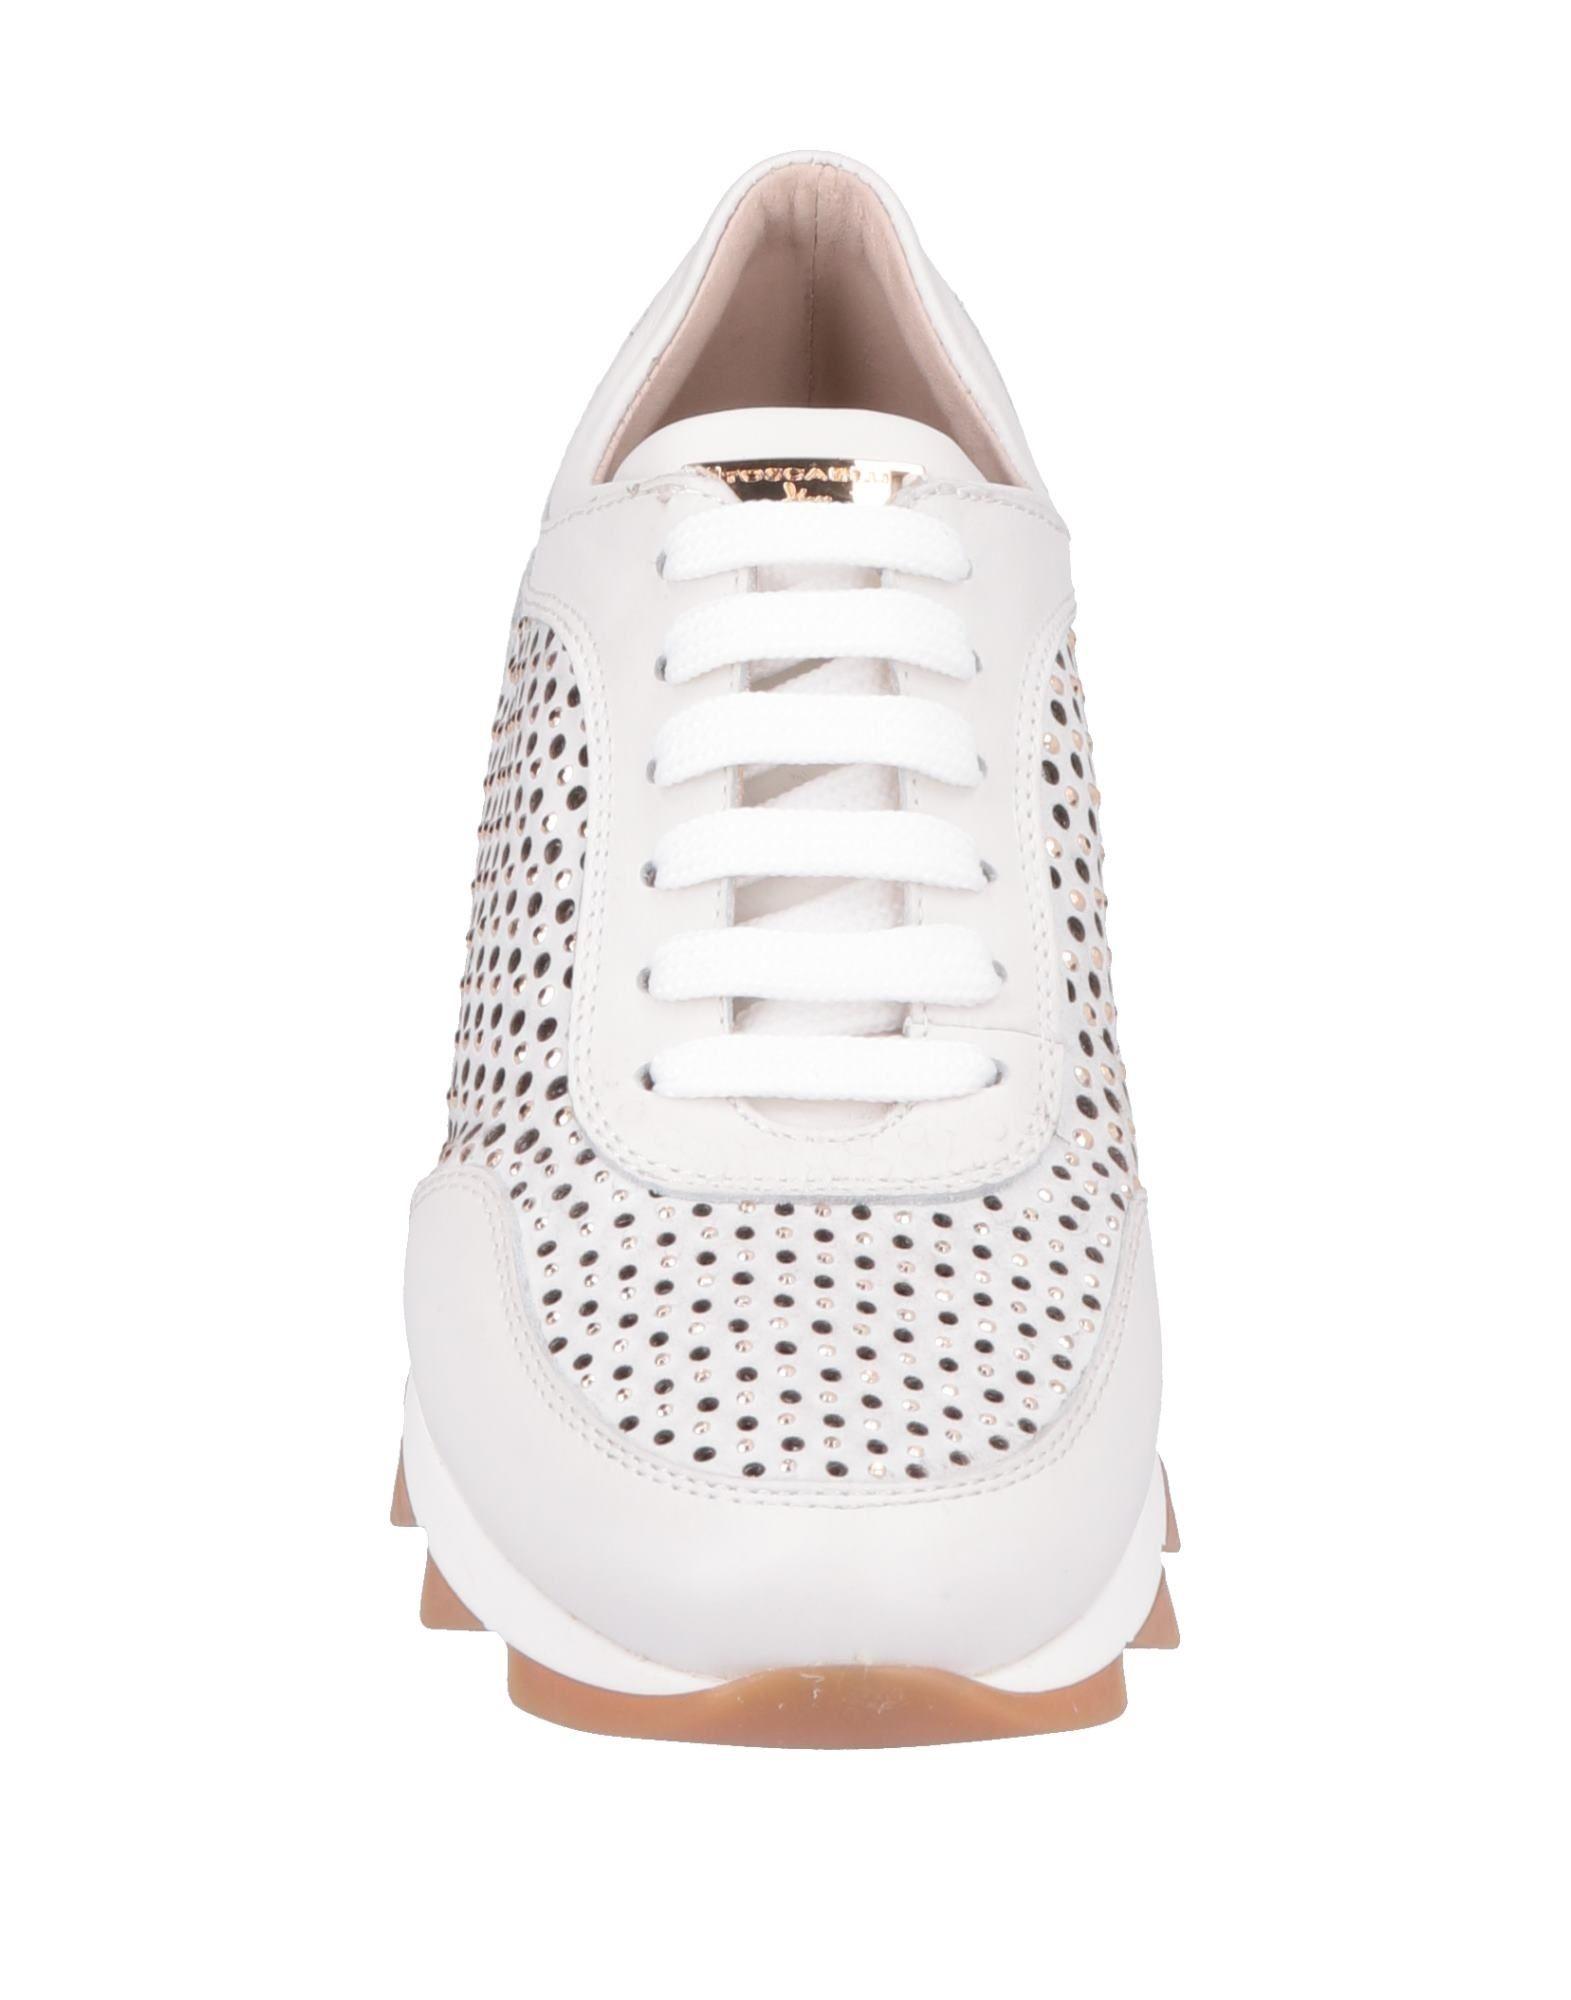 Tosca Blu Schuhes Preis-Leistungs-Verhältnis, Sneakers Damen Gutes Preis-Leistungs-Verhältnis, Schuhes es lohnt sich a19513